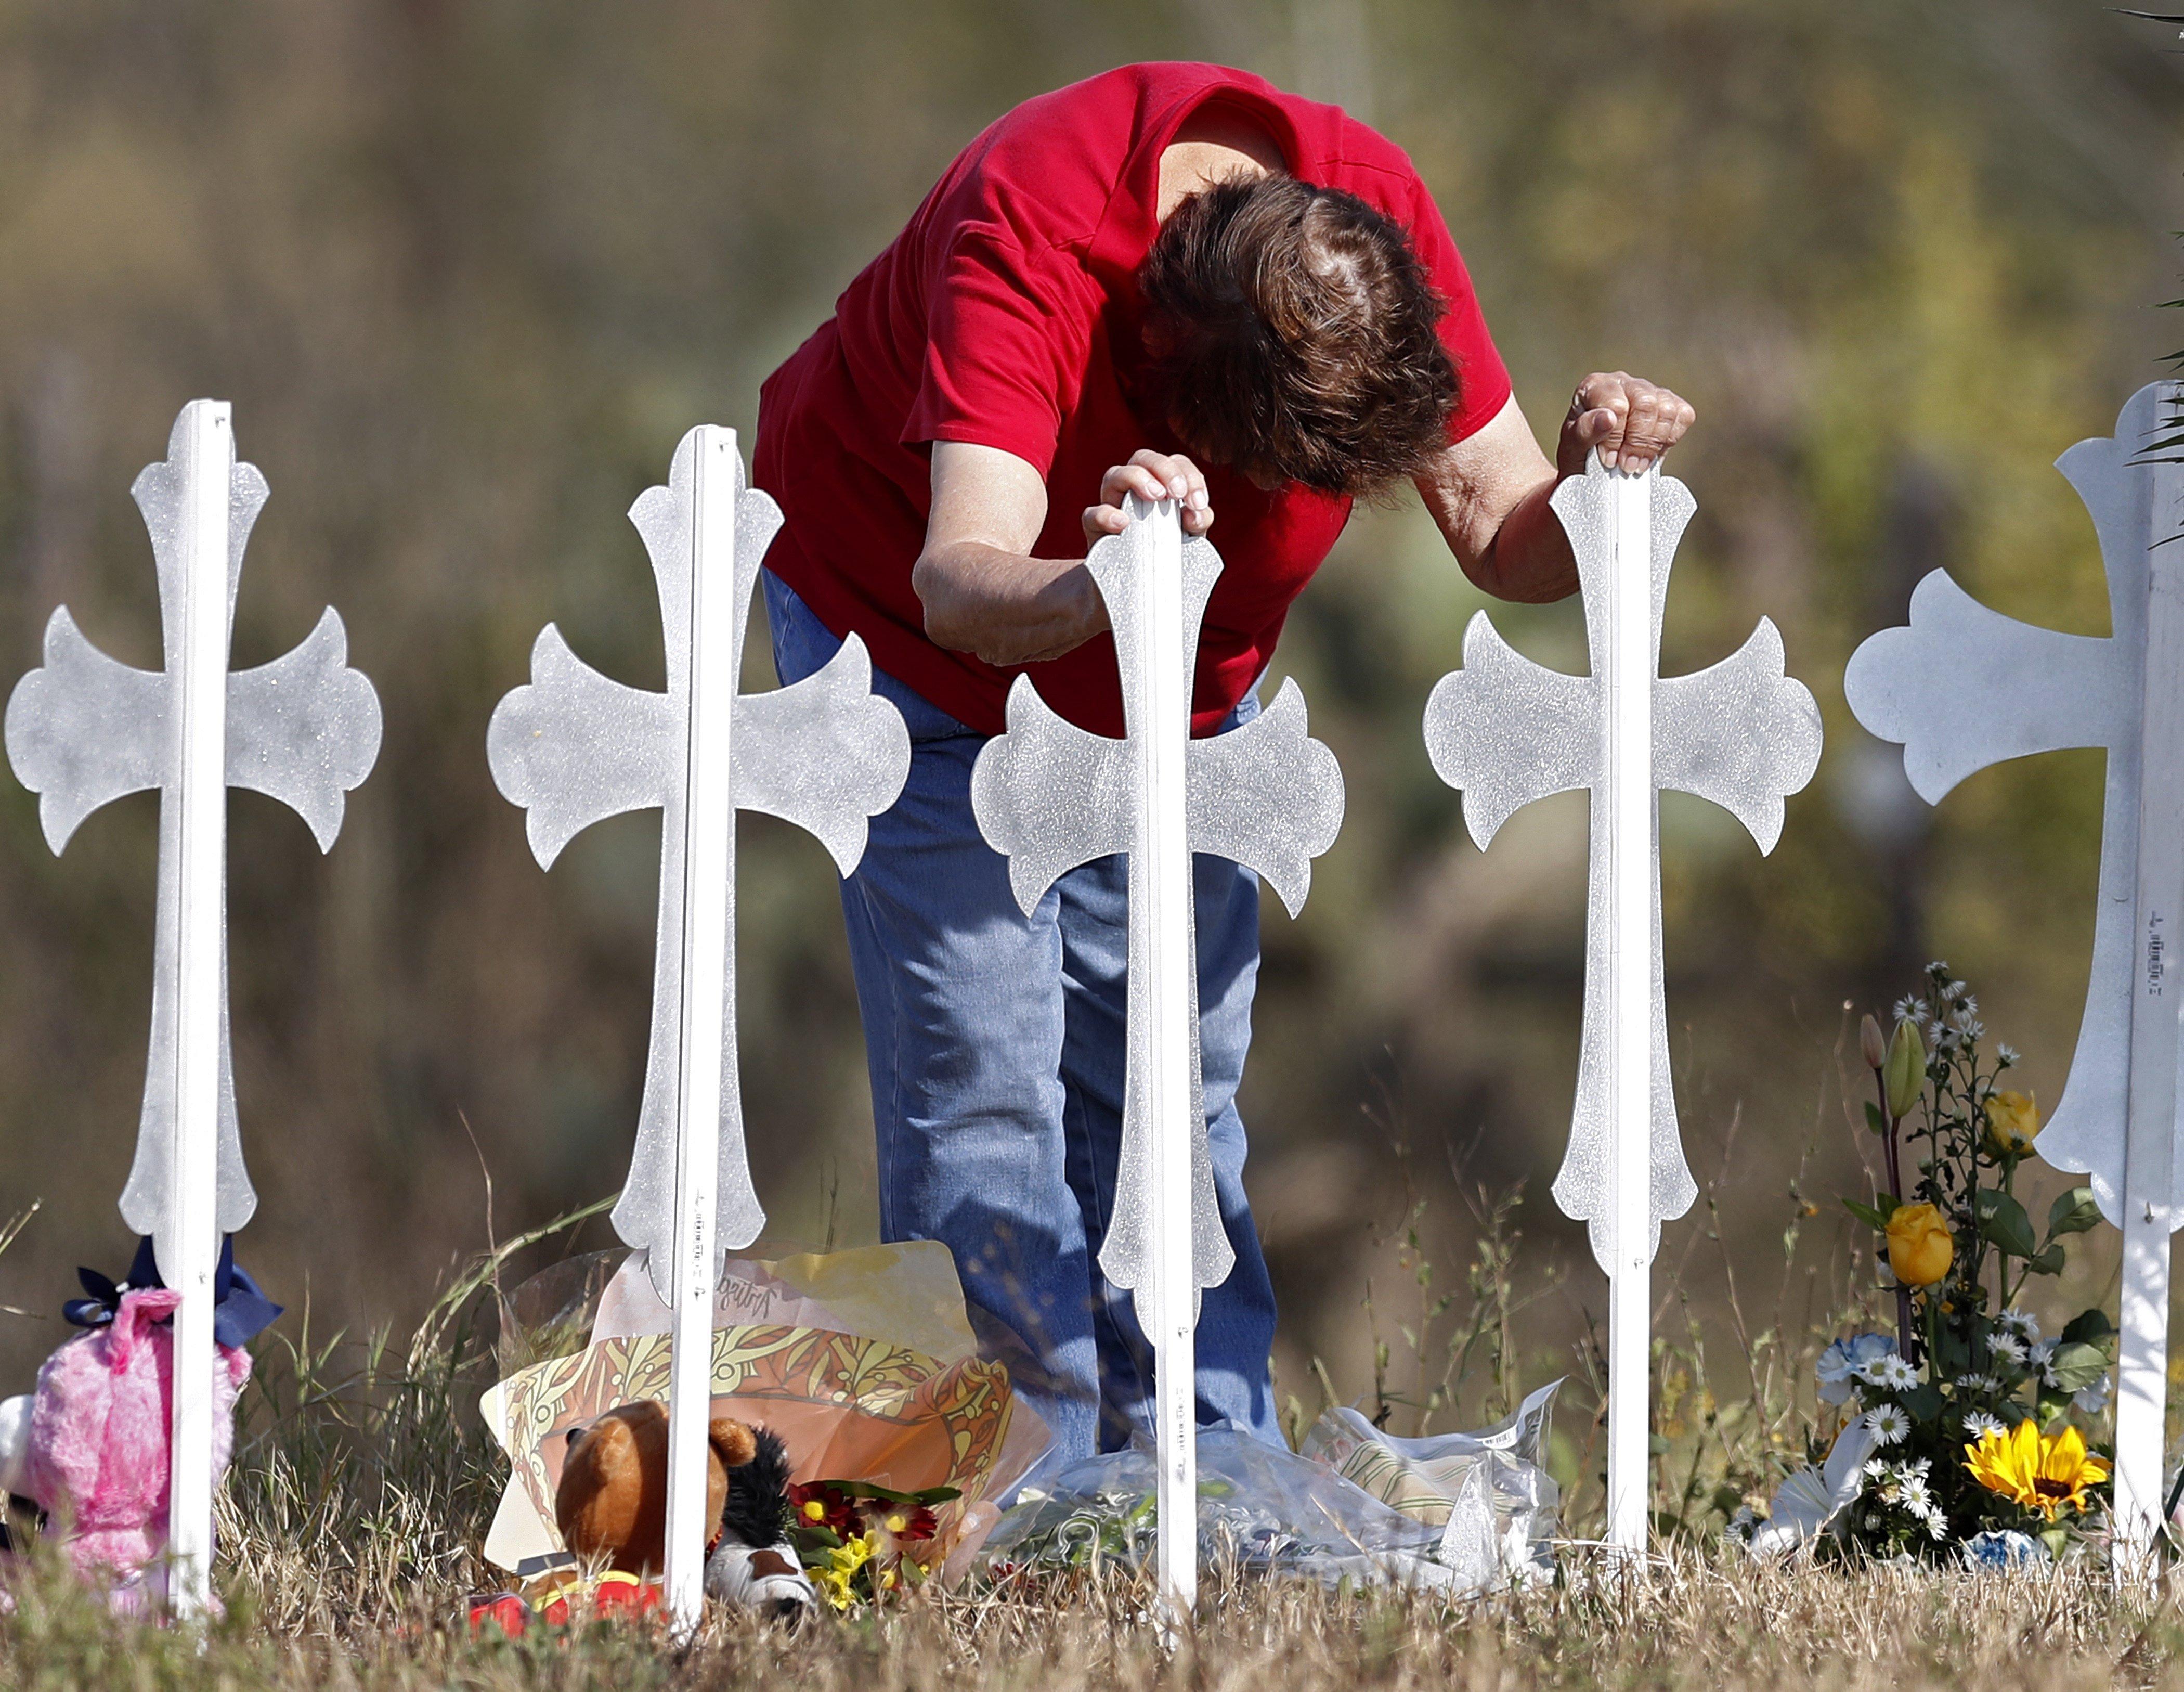 Sheriff didn't pursue sex case against Texas church gunman